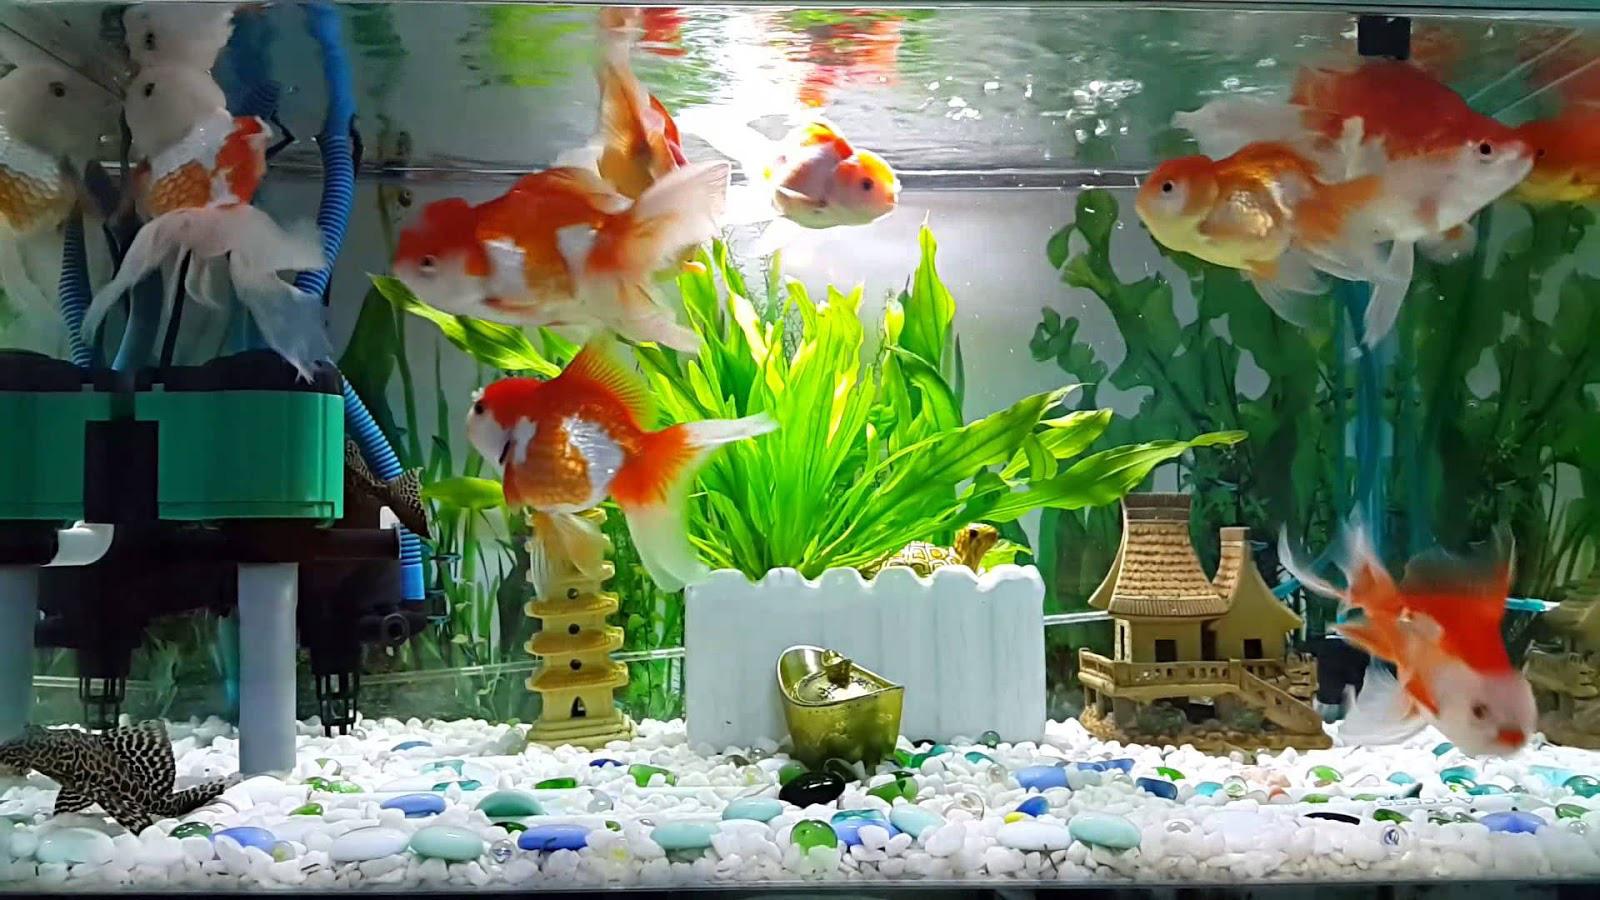 Biết 5 điều này khi nuôi cá cảnh để đón tài lộc vào nhà không xuể - Ảnh 2.